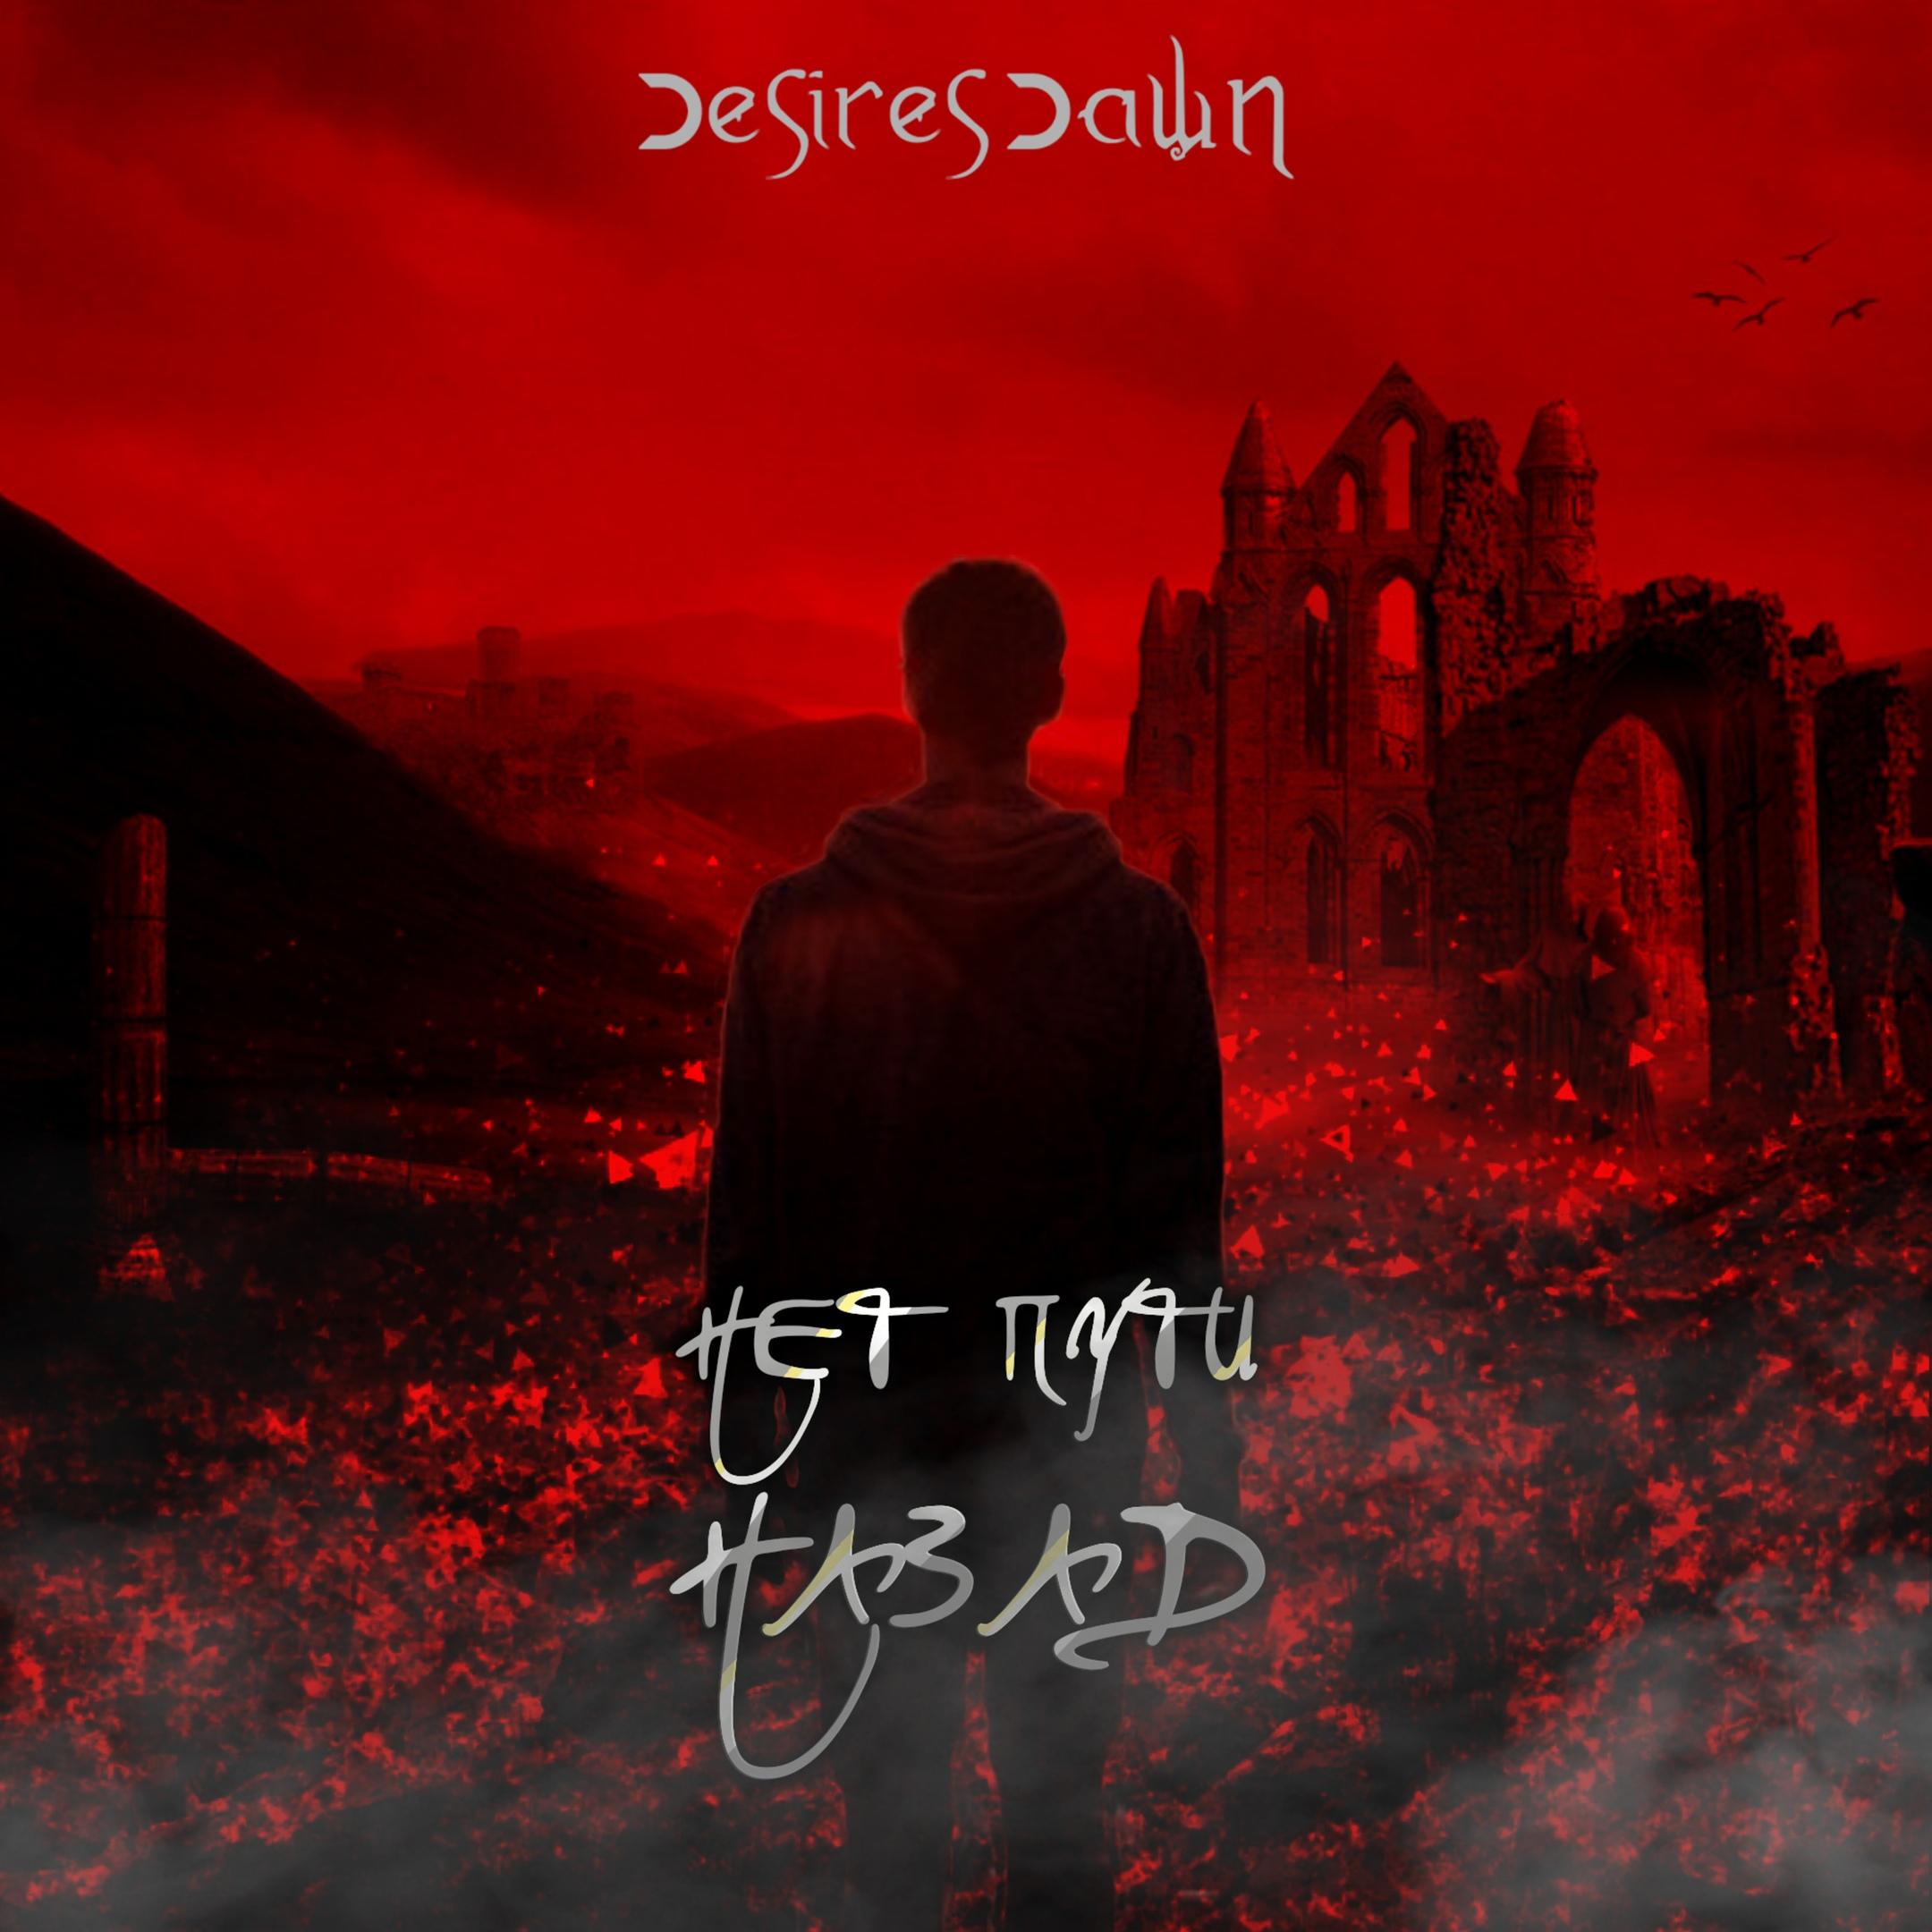 DesiresDawn - Нет пути назад [single] (2020)